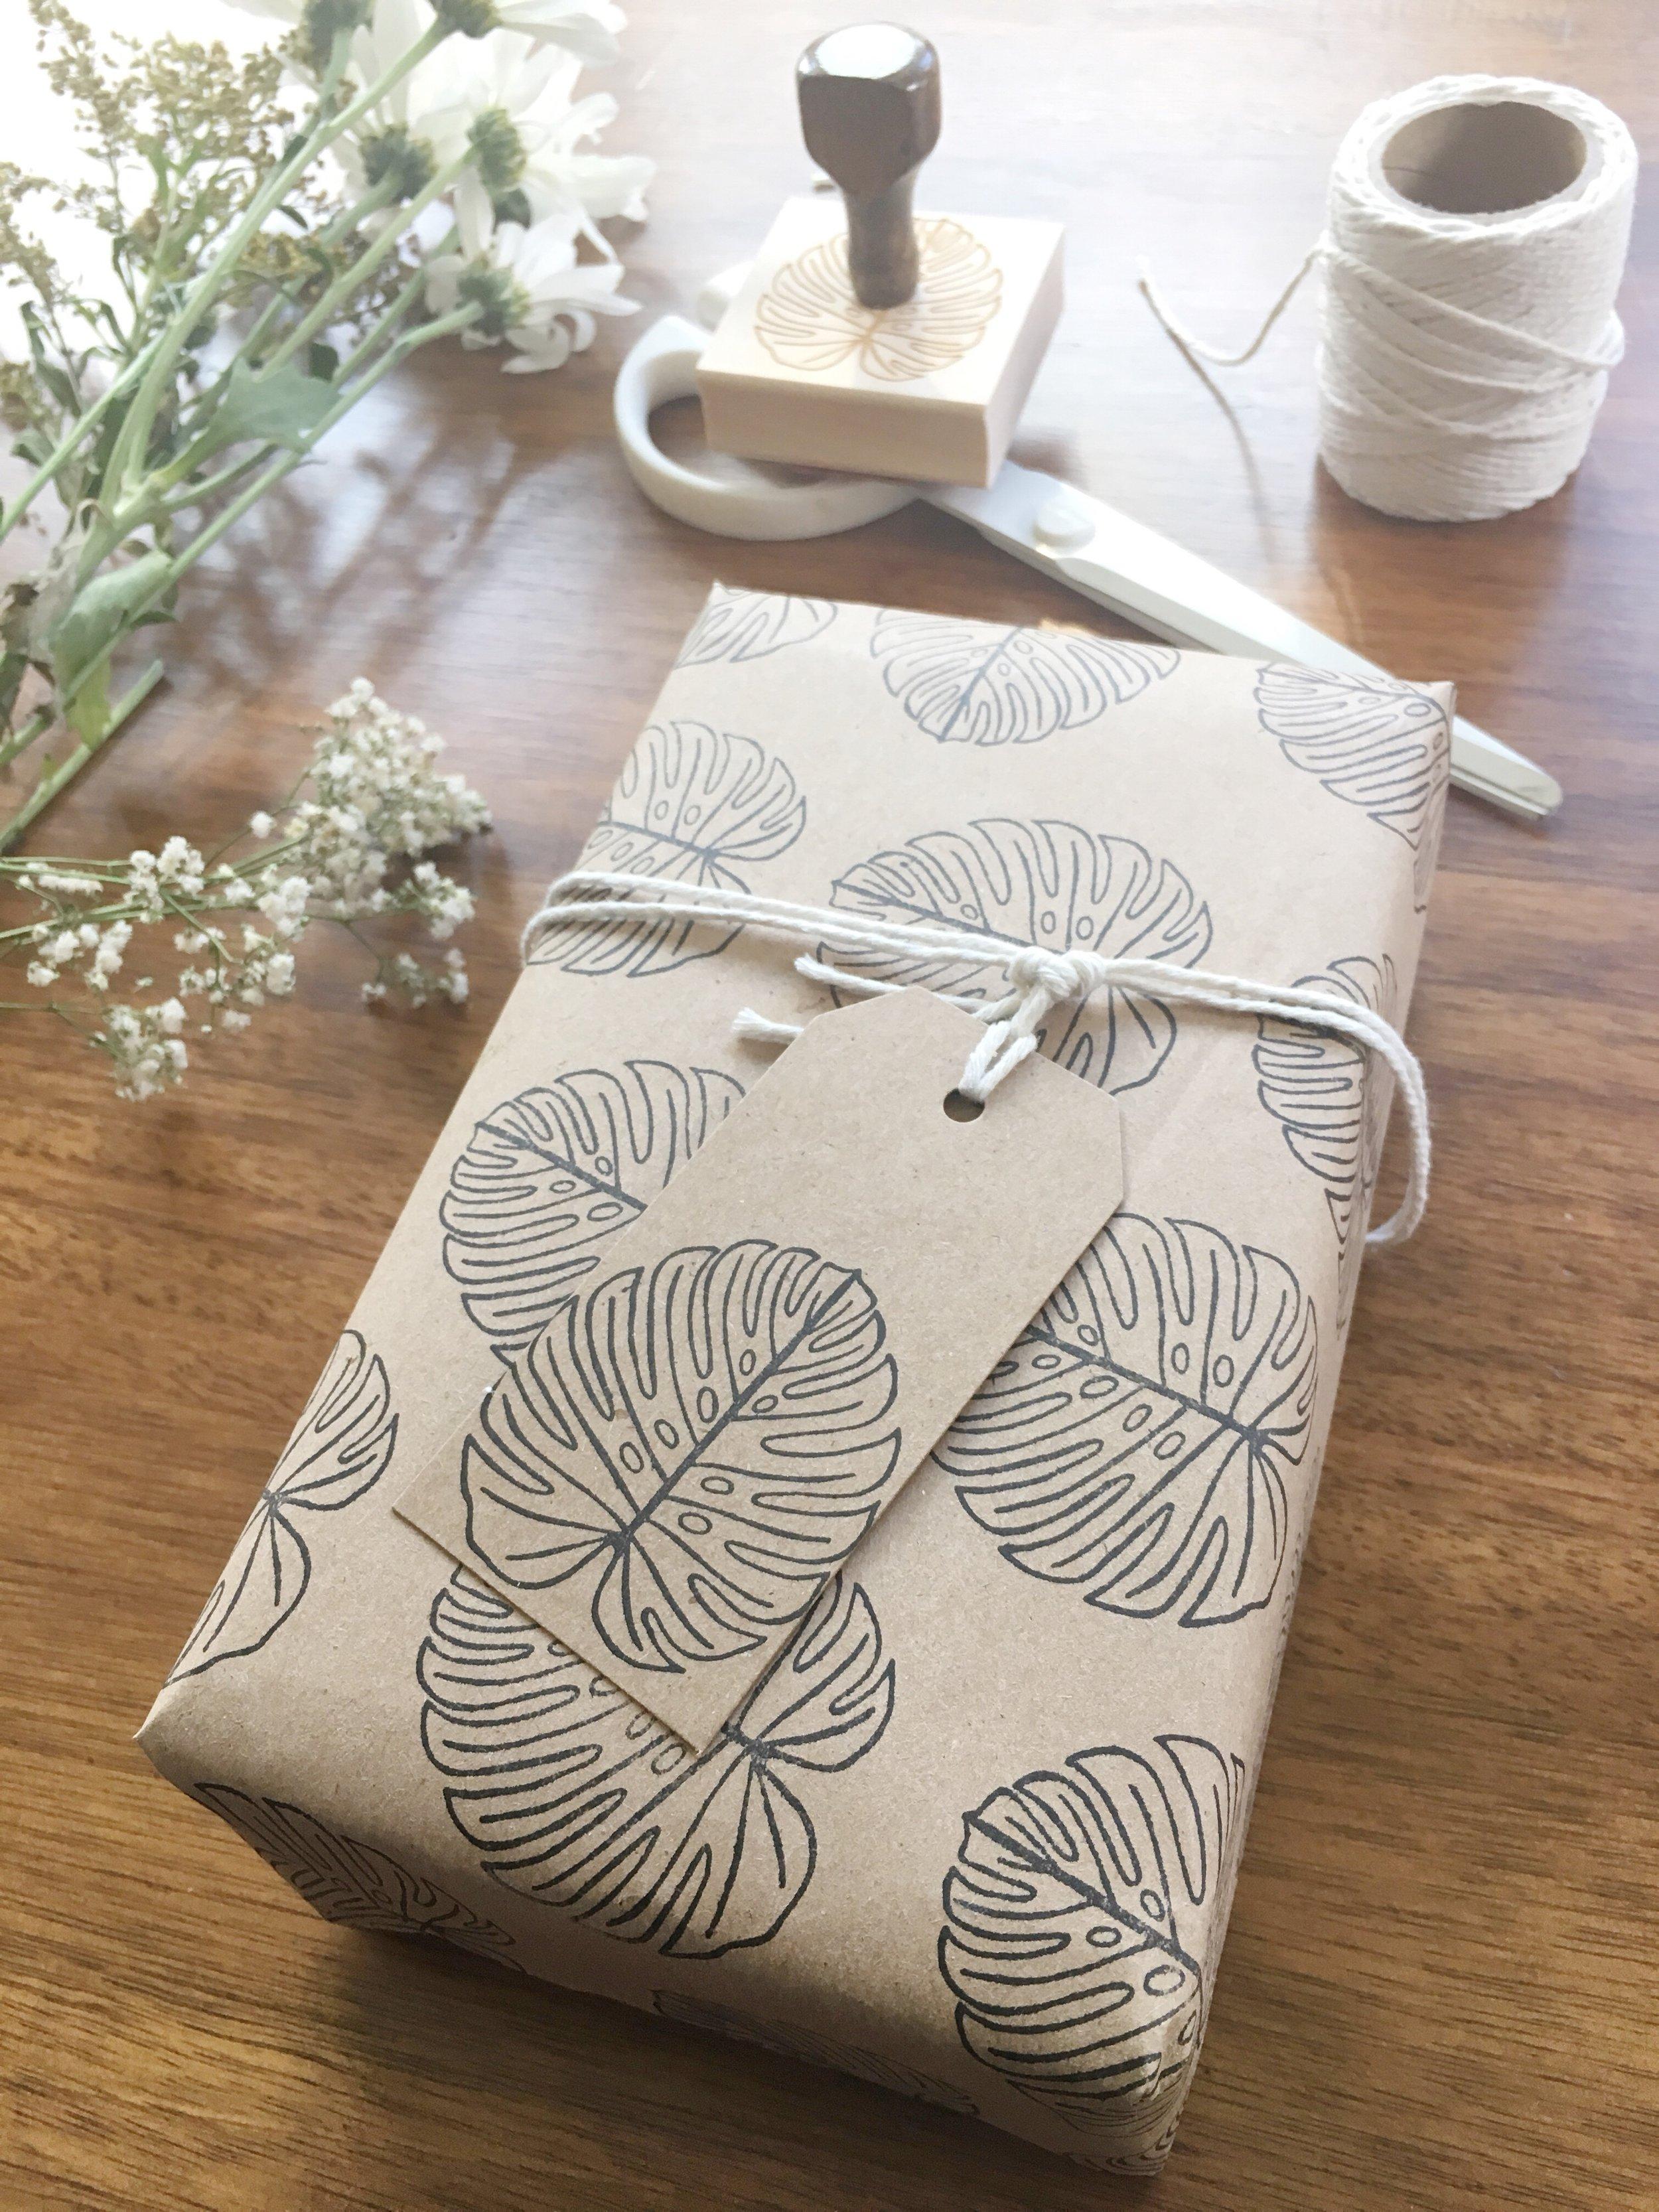 Monstera Leaf Rubber Stamp DIY Gift Wrap Kraft Packaging by Creatiate